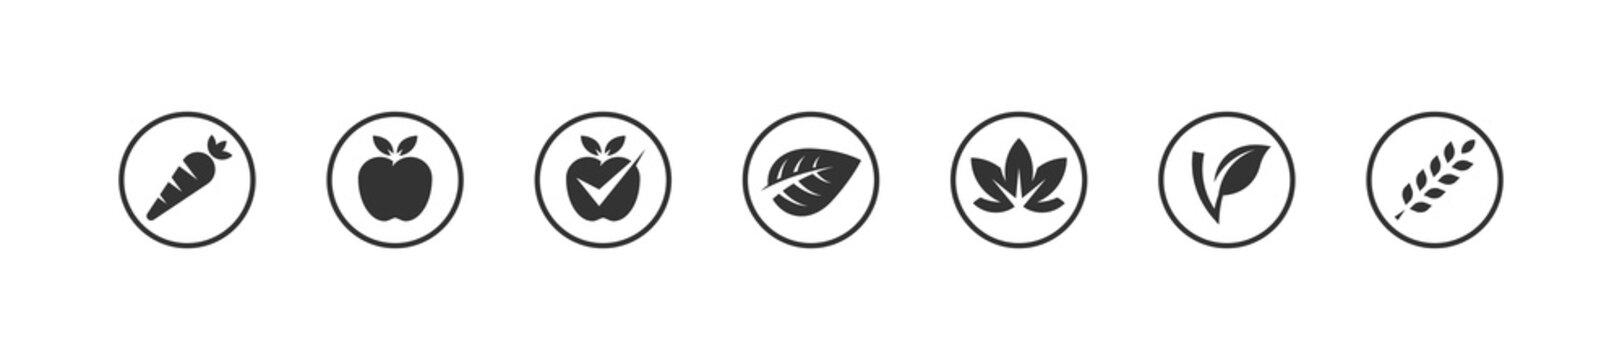 Vegan bio icons set